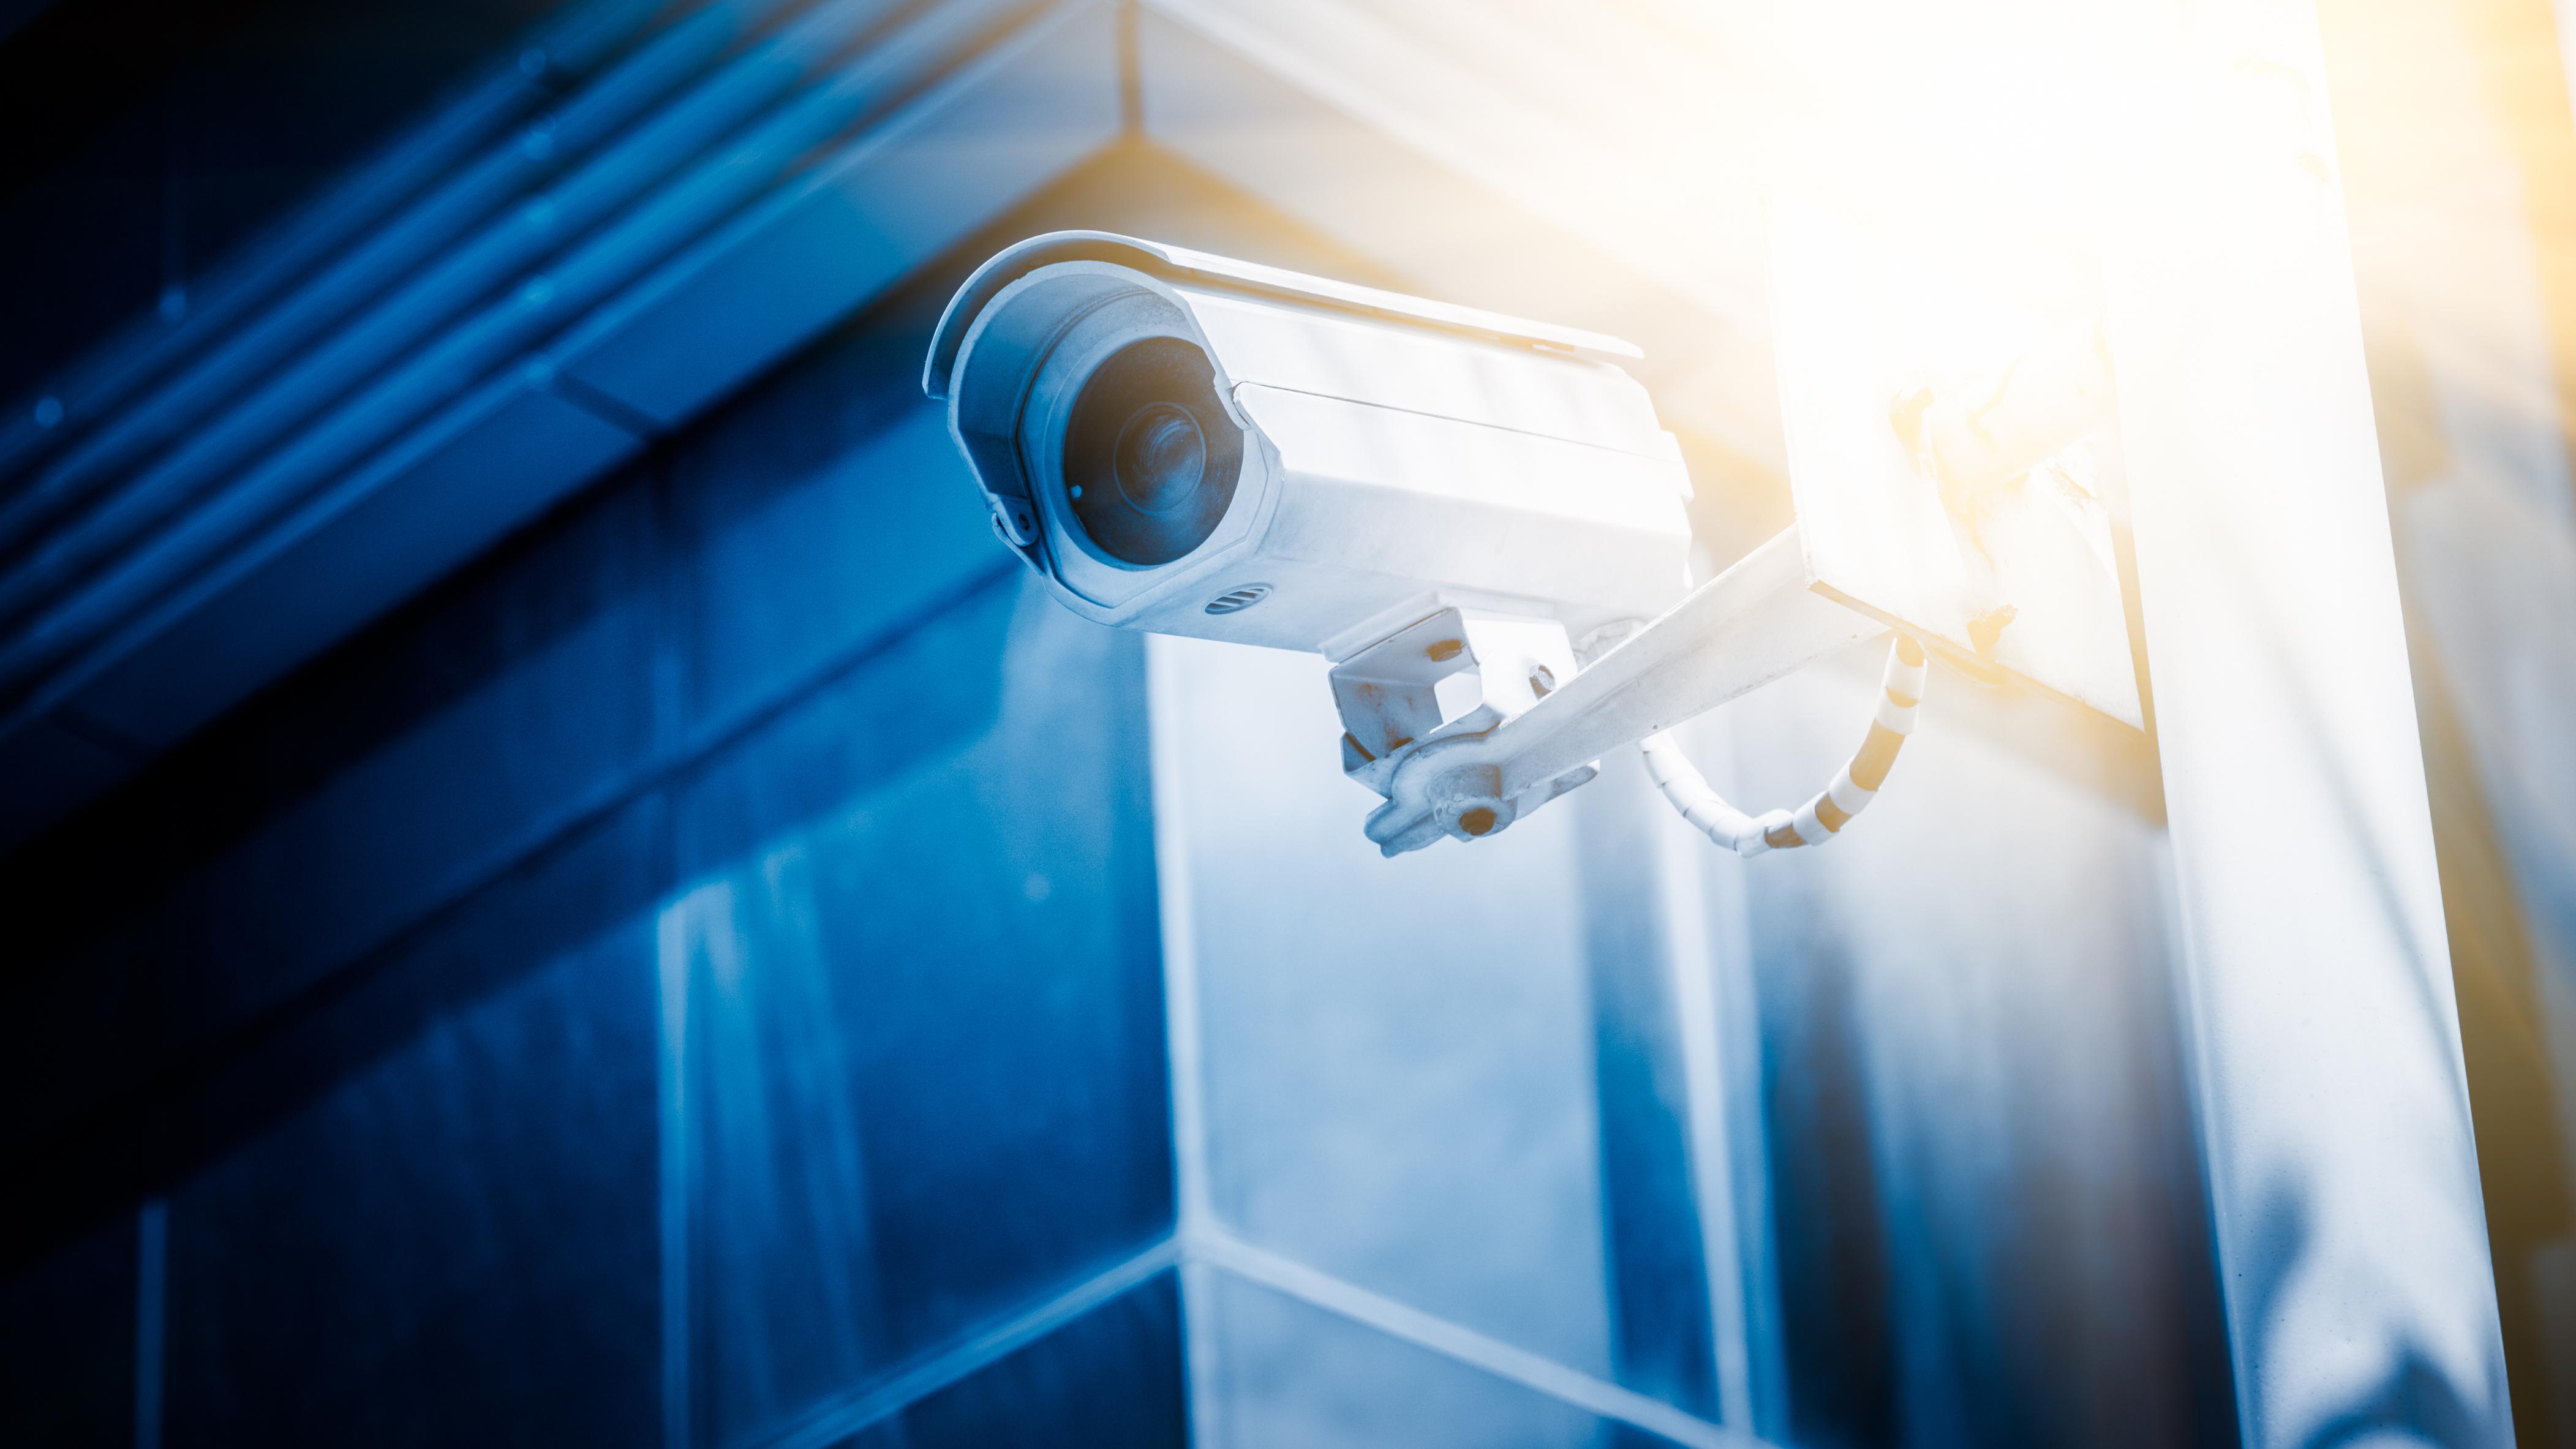 Securitate în reţelele IP de supraveghere